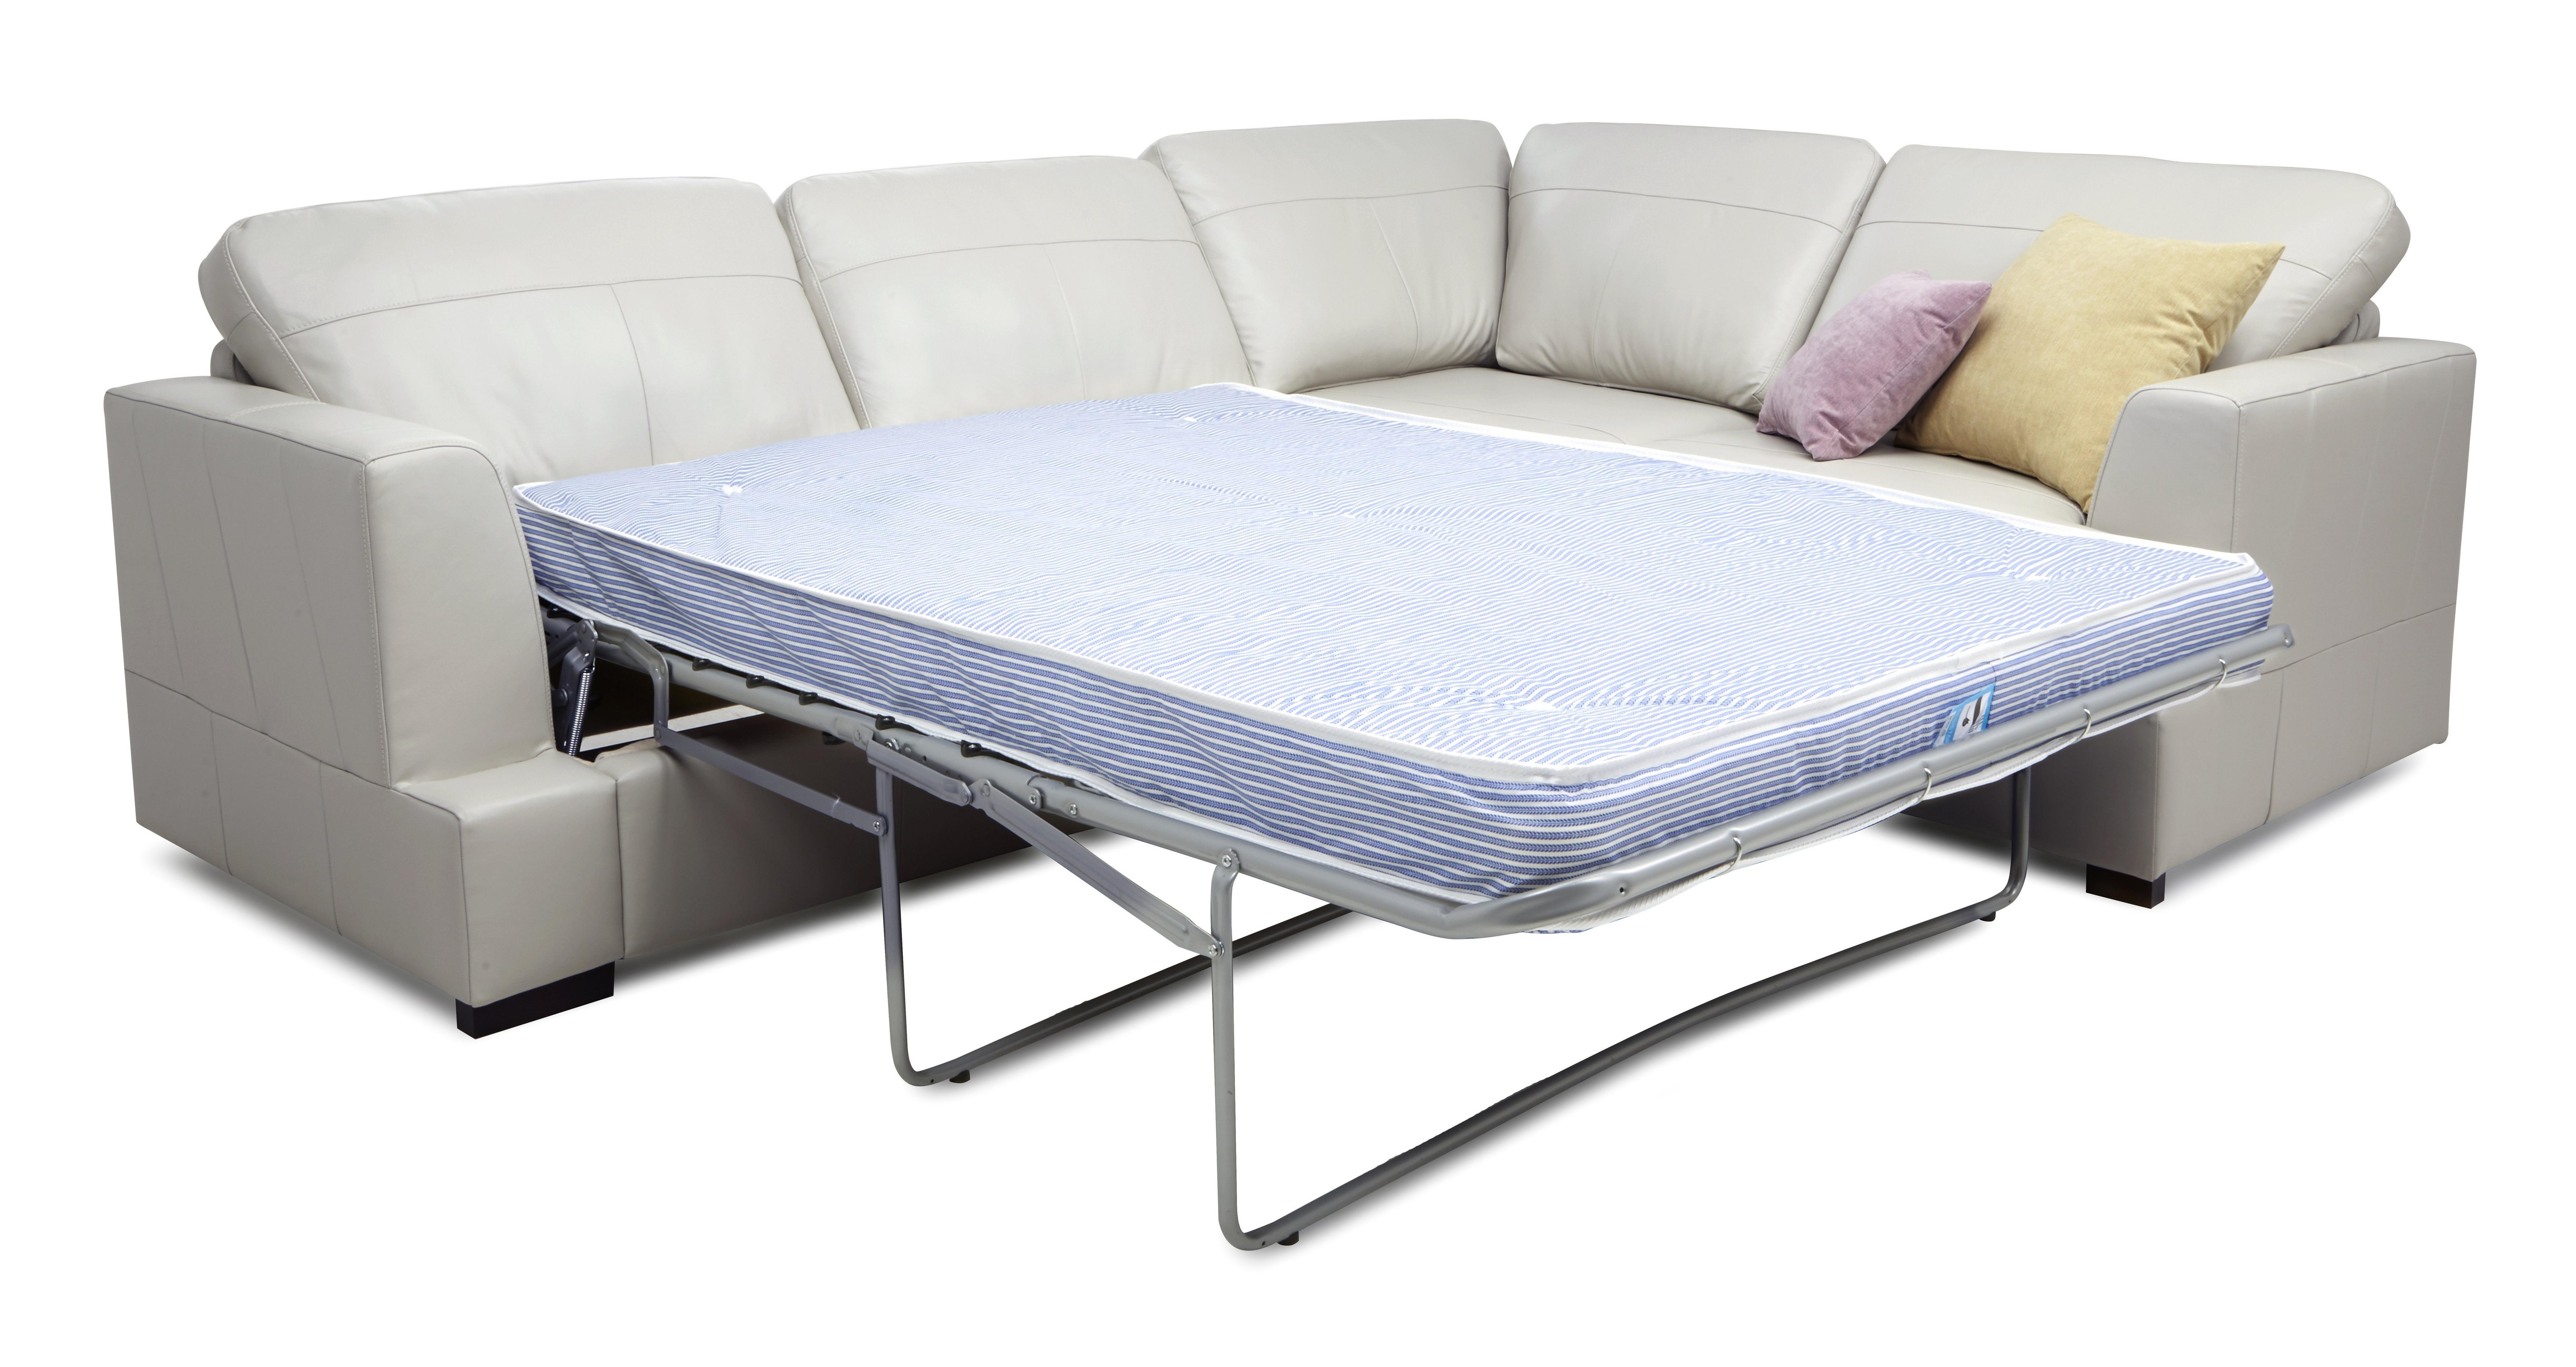 sofa company nl sofas n more medicine hat freya leather linkszijdige 2 delige deluxe hoekslaapbank